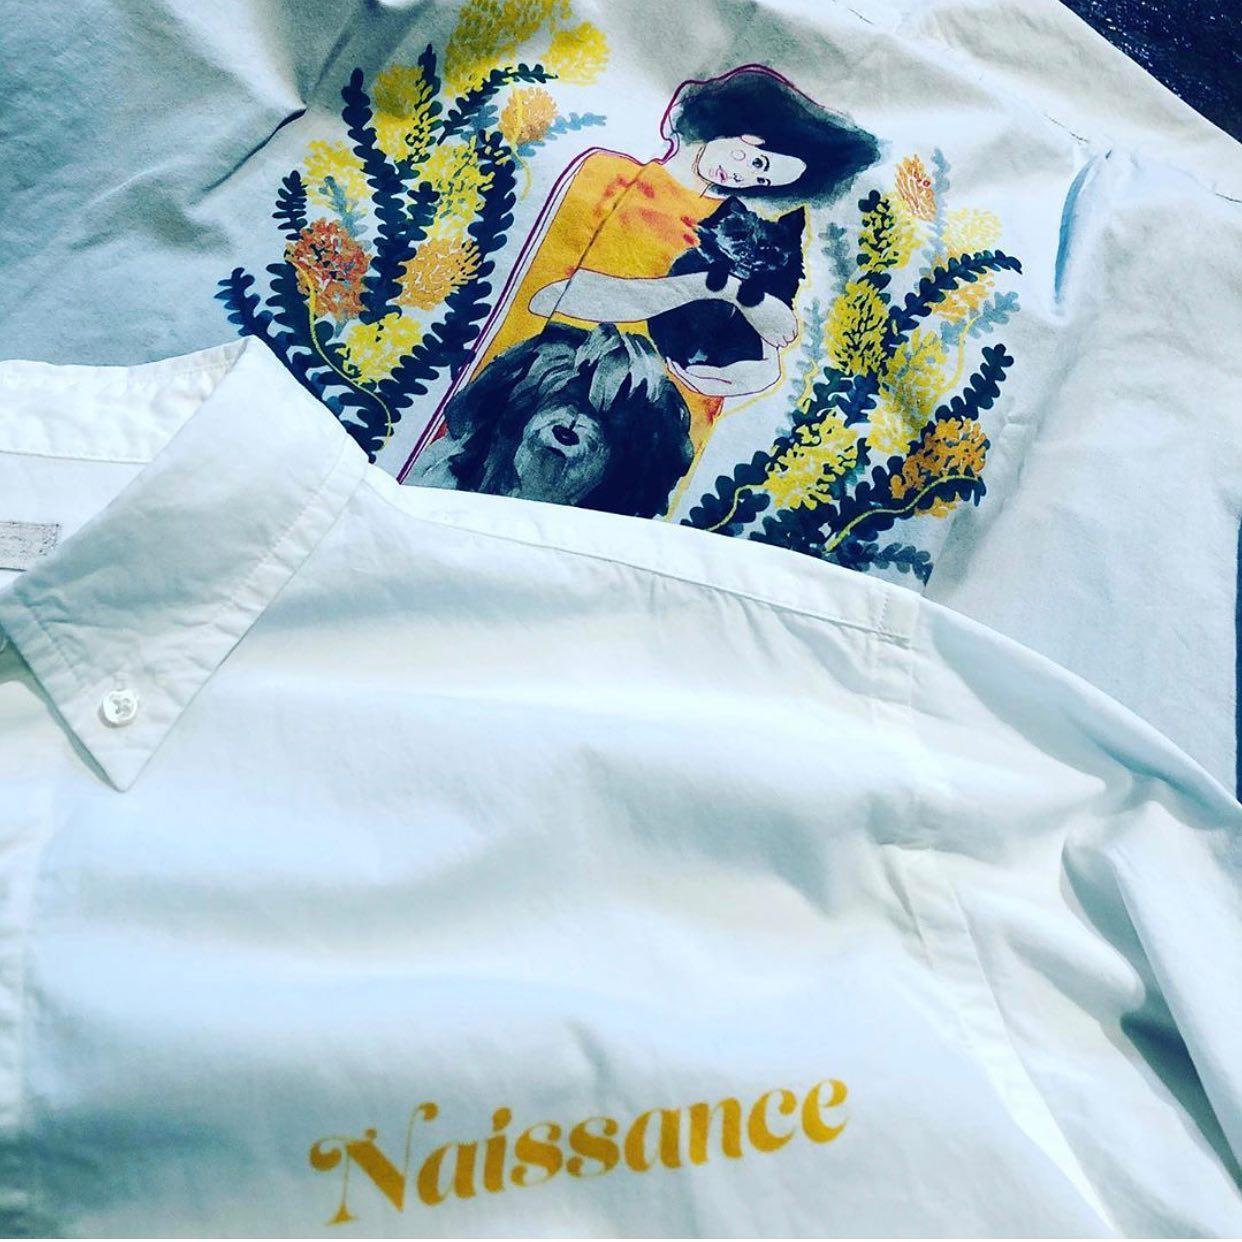 【NAISSANCE/ネサーンス】こちらは、フォトグラファー・イラストレーターのジョディ・アサノのイラストをプリントした、 コラボレーション・シャツになります。ILLUSTRATION SHIRT A by Jody Asano イラストシャツ 21A-NSA-SH-02NAISSANCE/ネサーンスの商品はALLEY OnlineShopにてご購入頂けます。ALLEY OnlineShopはプロフィールのリンクからご覧頂けます。お問い合わせもサイトからお気軽にご連絡下さい。#NAISSANCE#ネサーンス#alleyonlineshop#alleycompany